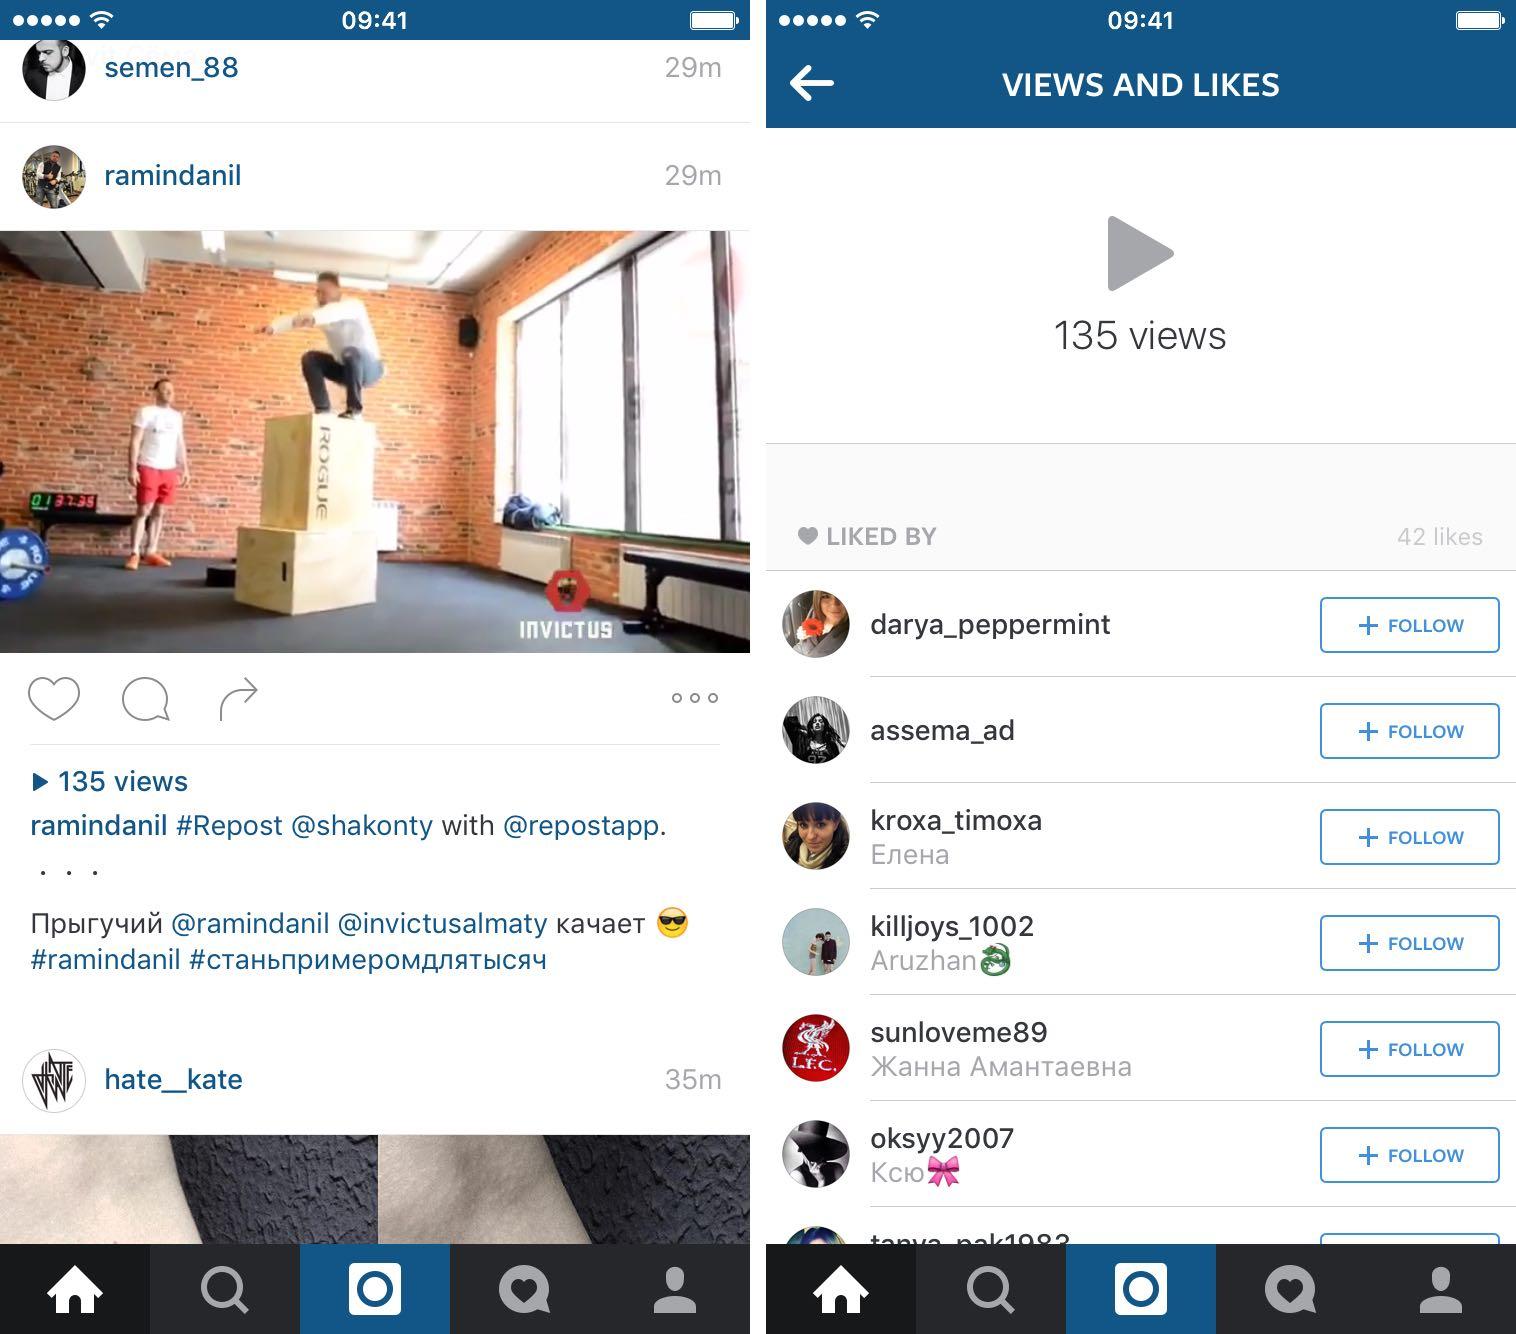 kak-uznat-skolko-lyudey-smotreli-video-v-instagram